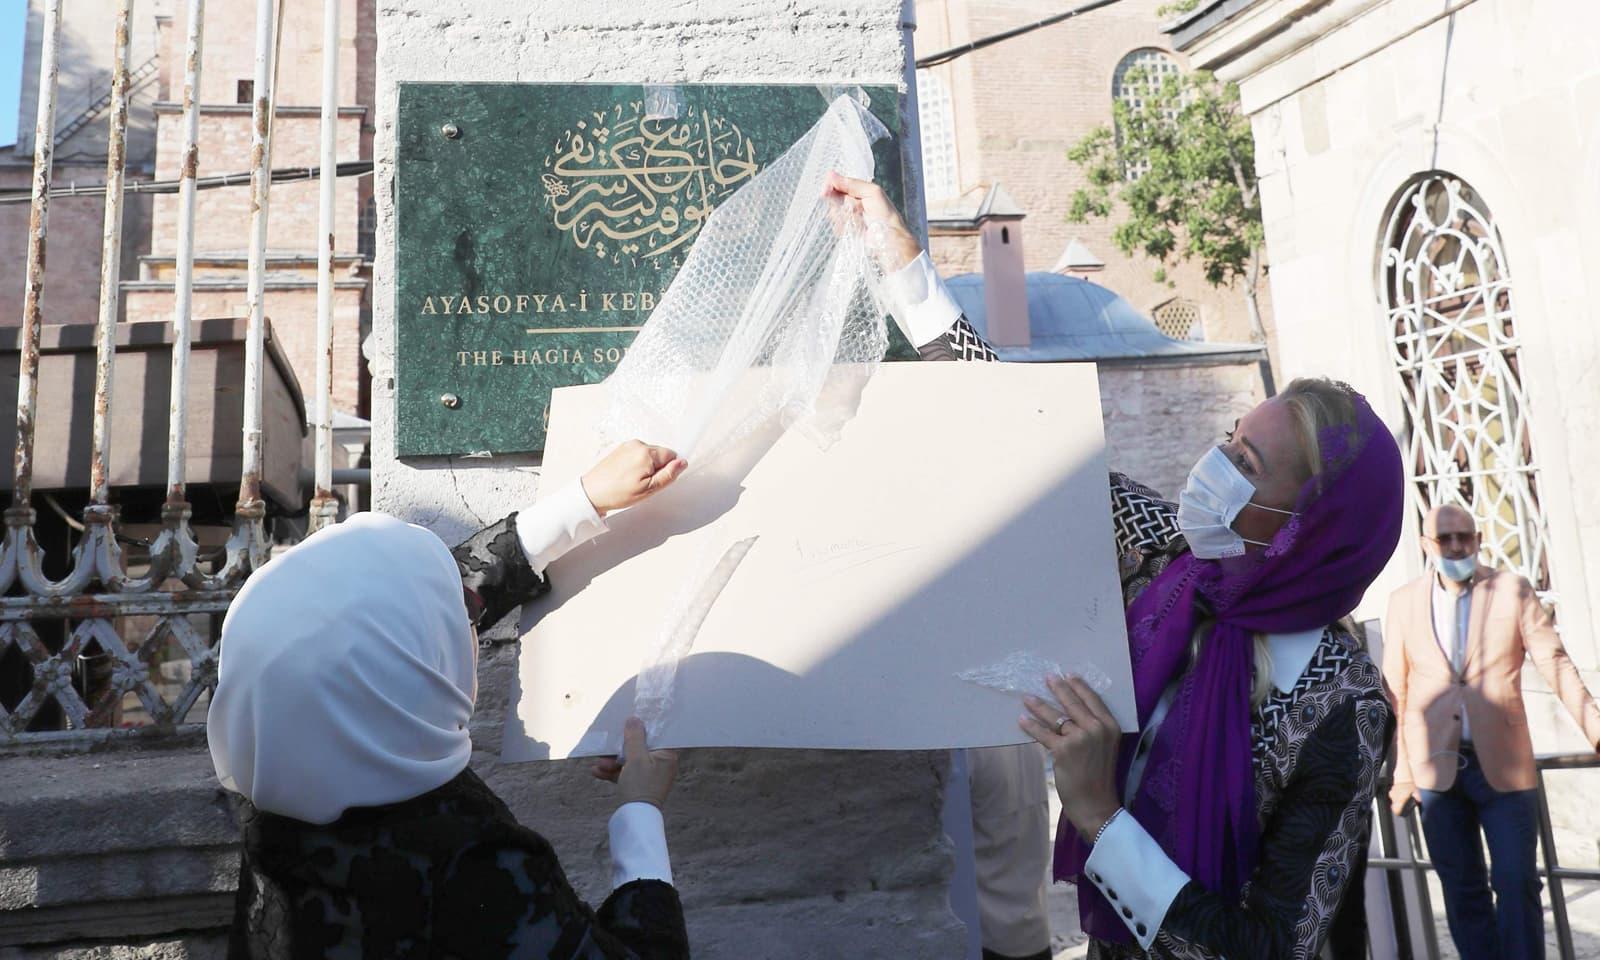 ترک خاتونِ اول اور وزیر سیاحت کی اہلیہ نے مسجد آیا صوفیہ کی تختی کی رونمائی کی— فوٹو: اے ایف پی